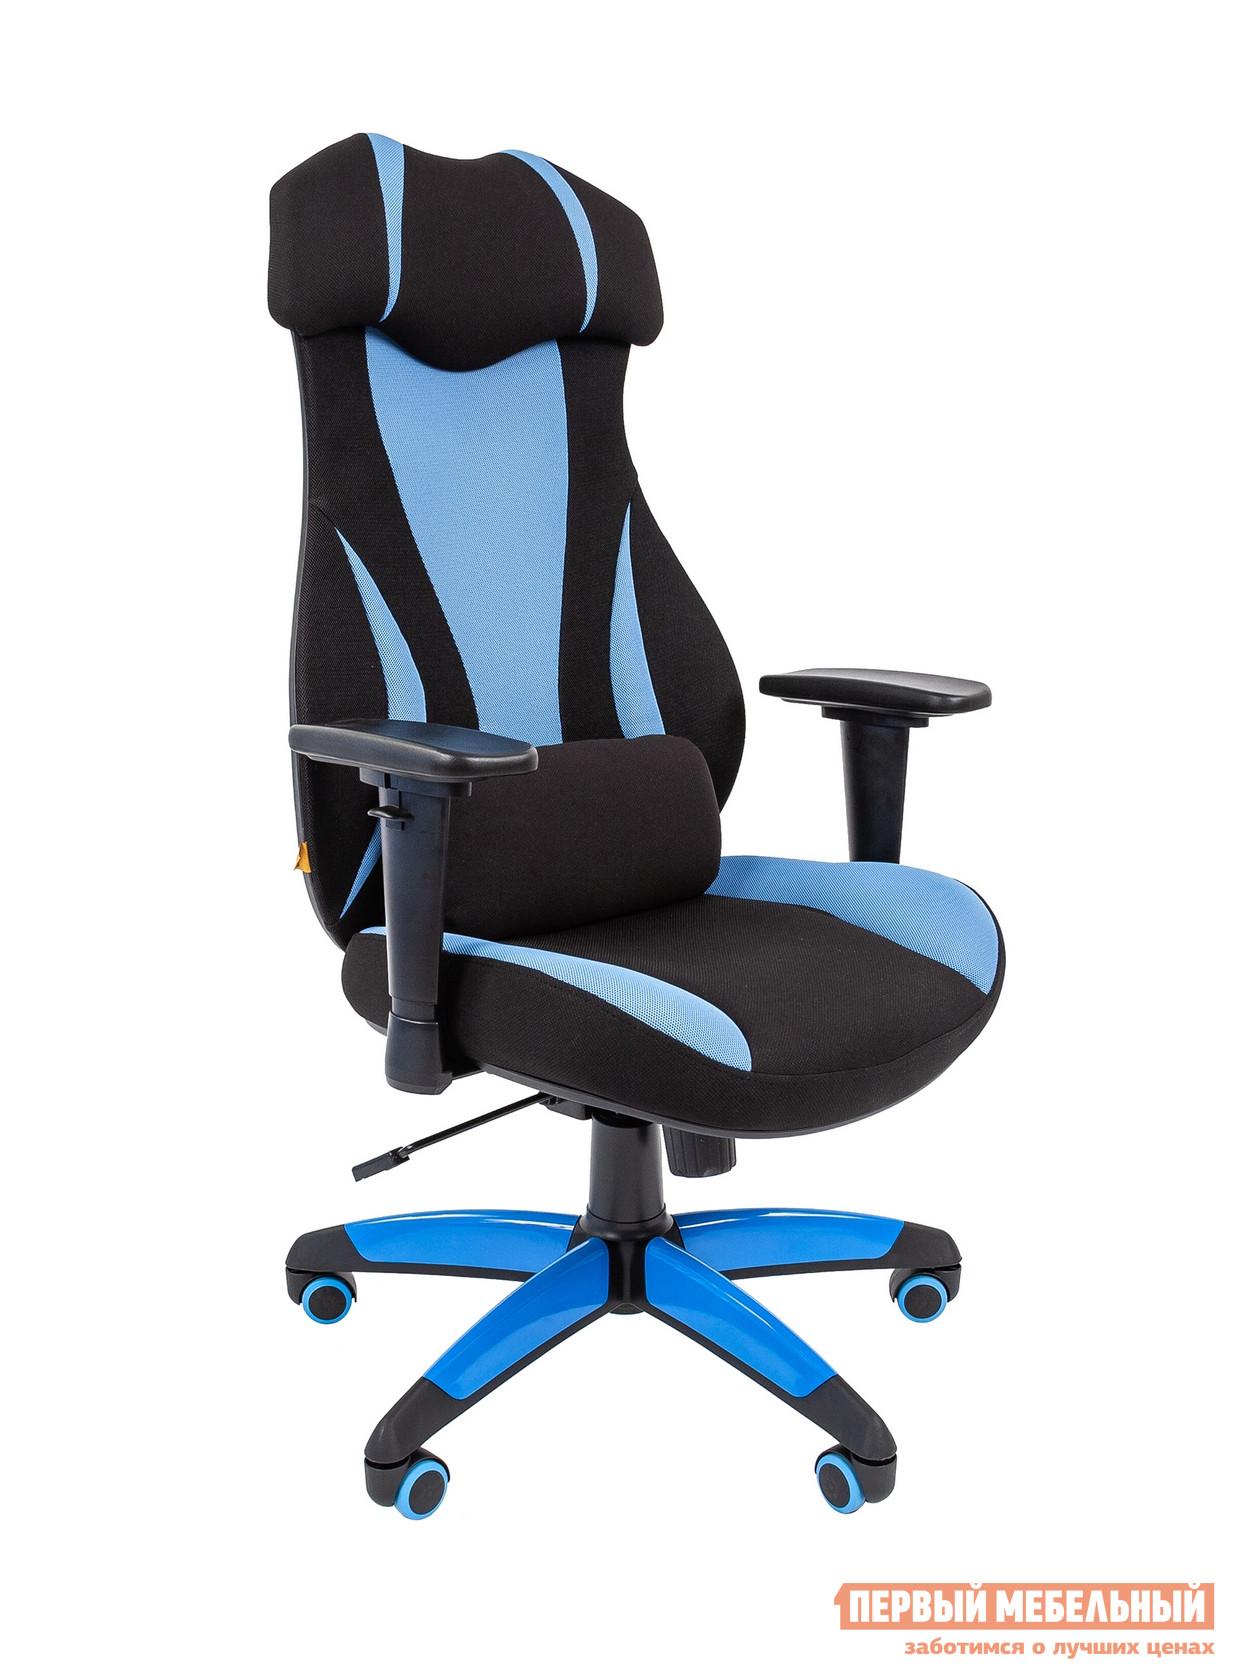 Игровое кресло Тайпит Игровое кресло Chairman Game 14 кресло игровое tetchair ibat